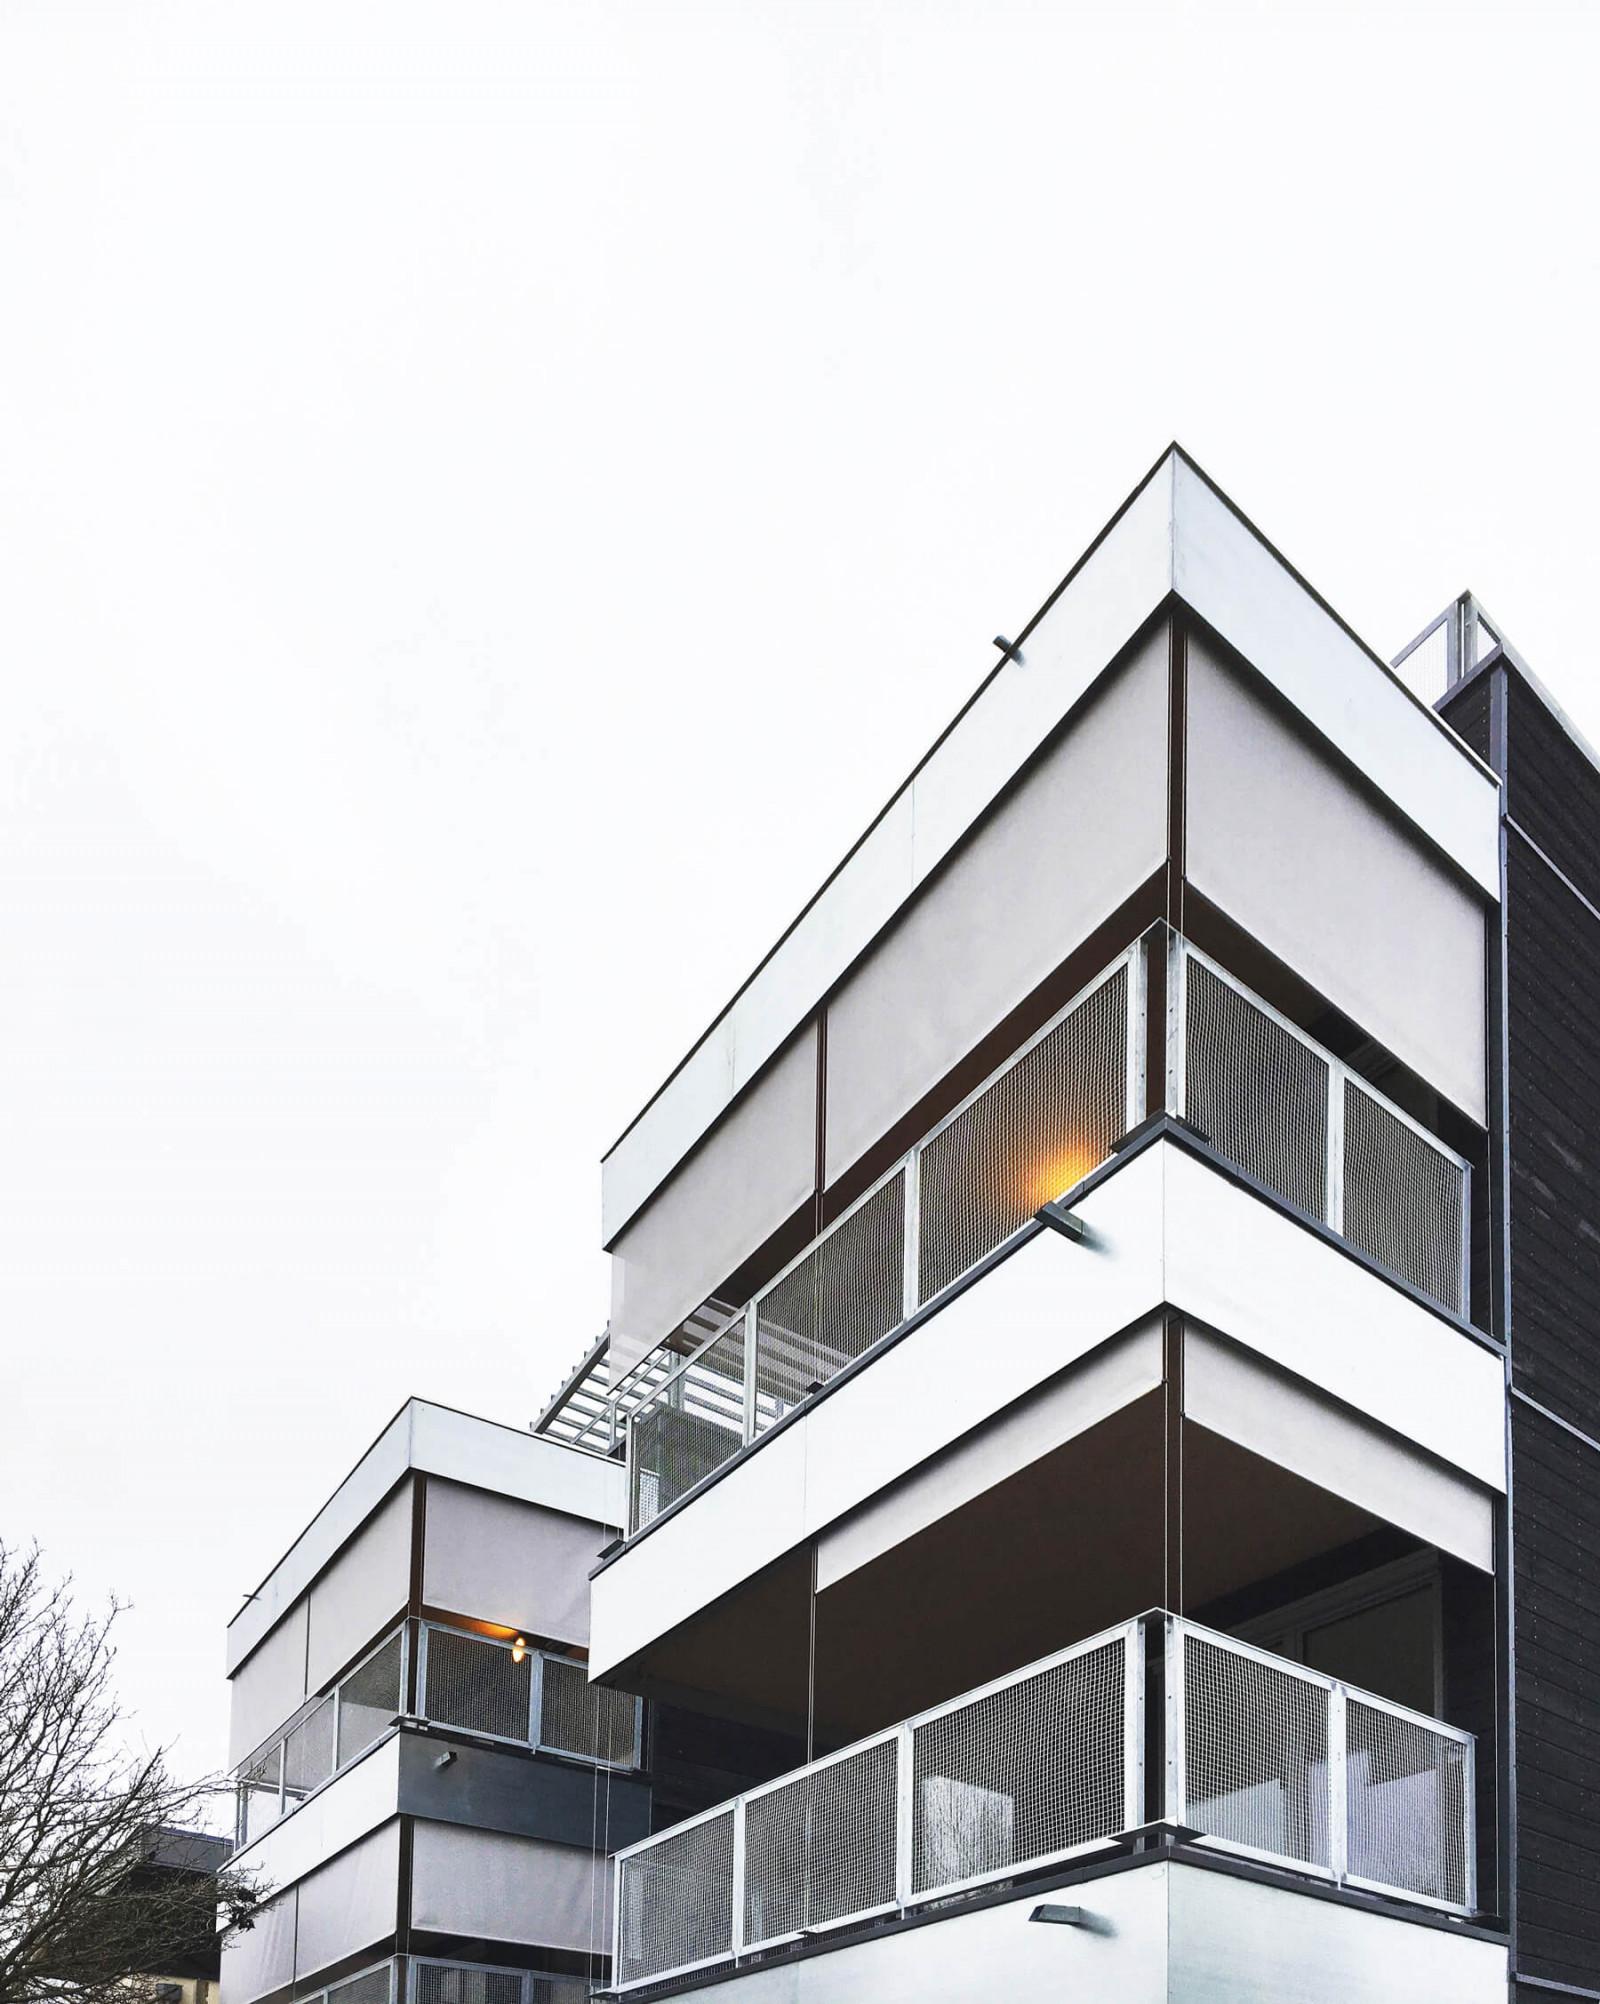 graam-vilmorin-02-logements-massy-exterieur-balcons-stores